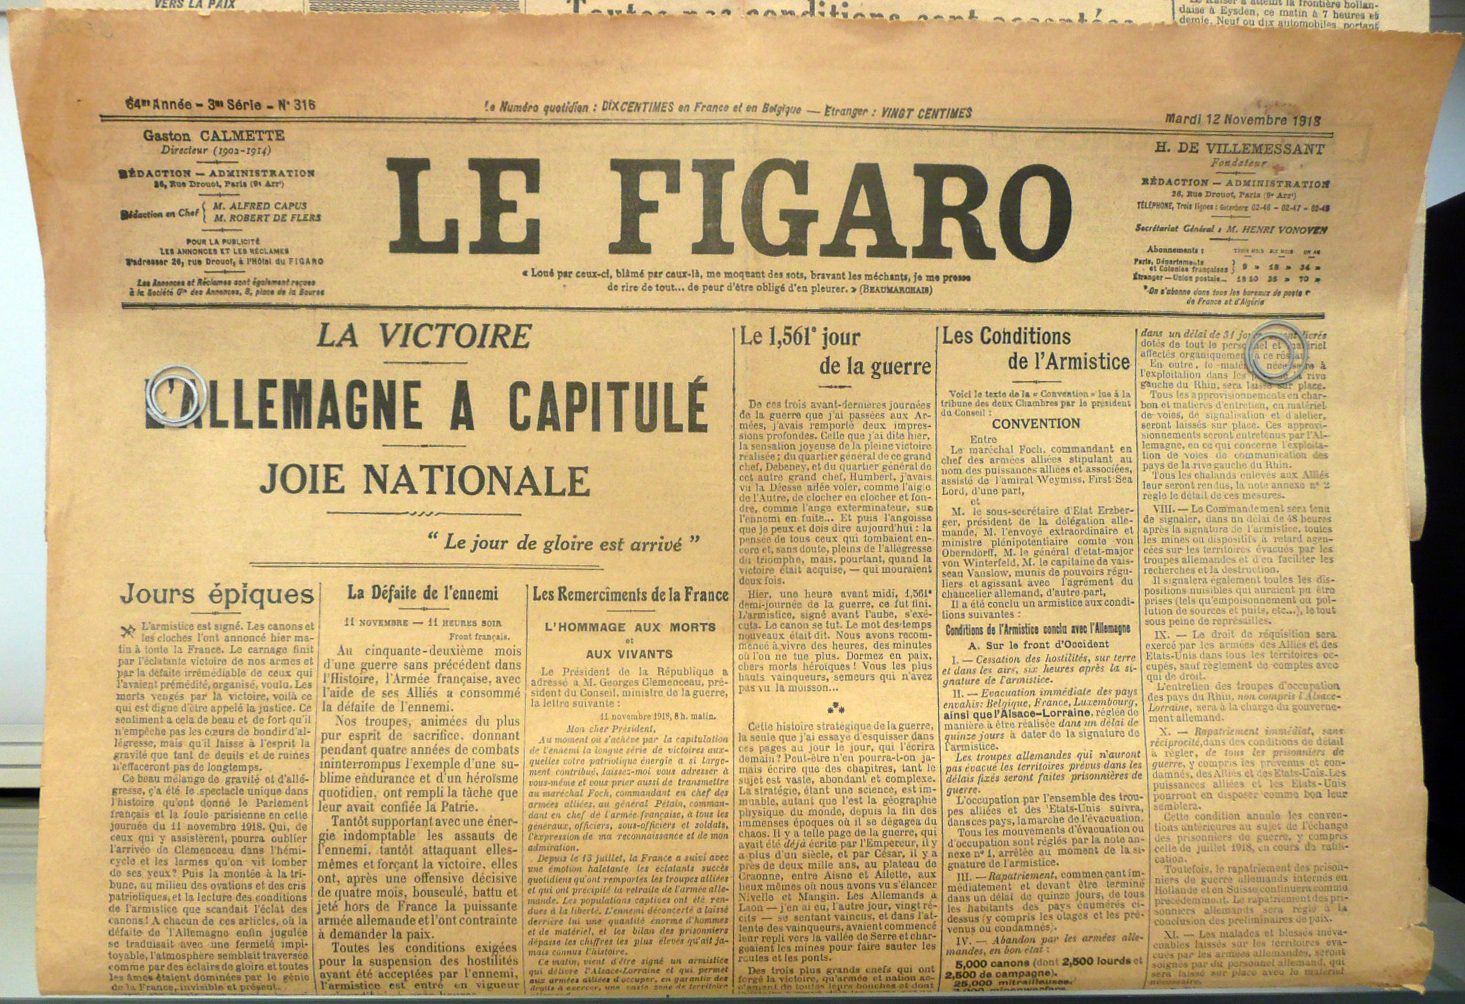 File:le figaro du 12 novembre 1918 annoncé la capitulation de l